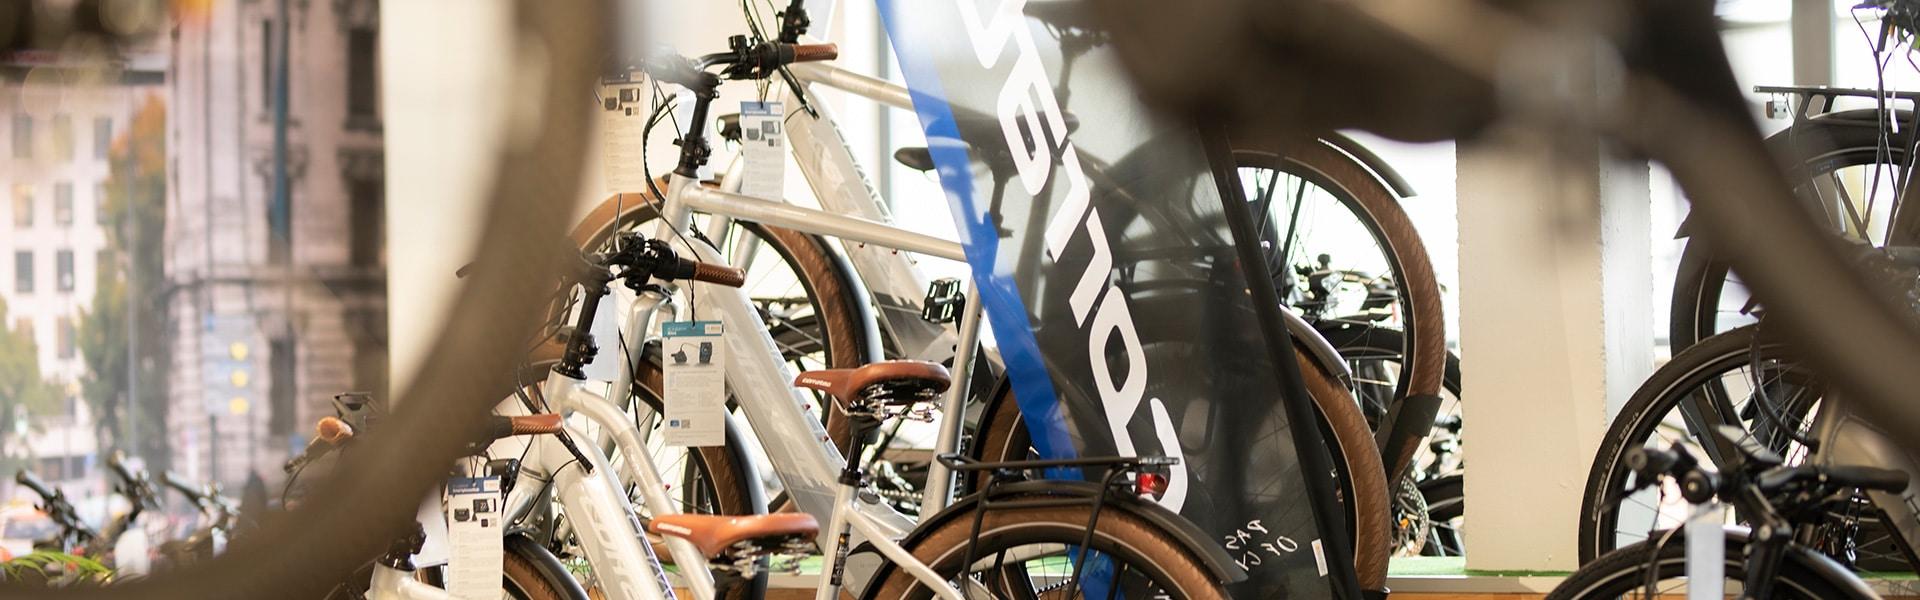 e-motion e-Bike Welt Bad Kreuznach Shop Außenansicht Titelbild